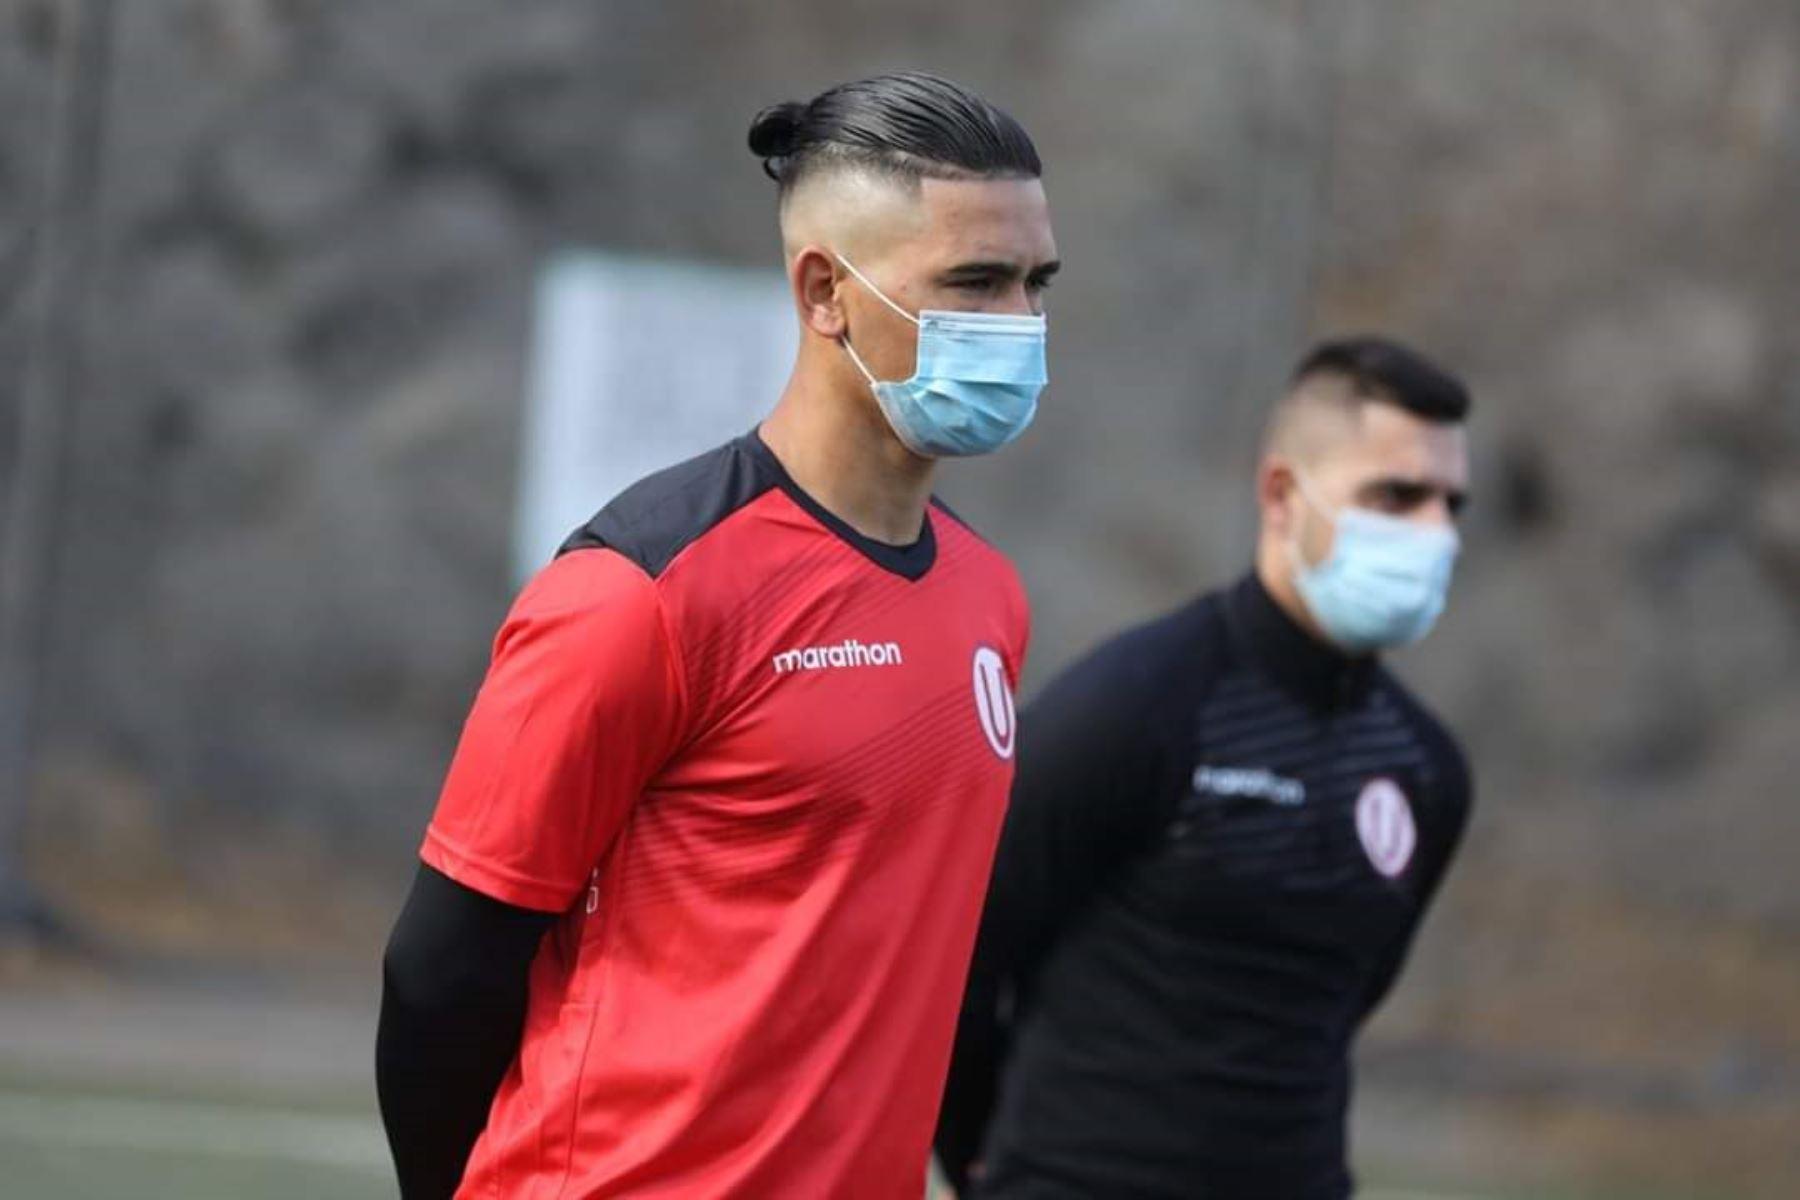 El club Universitario de Deportes inicia sus entrenamientos en el Club Árabe Palestino durante el estado de emergencia por coronavirus. Foto: ANDINA/Universitario de Deportes